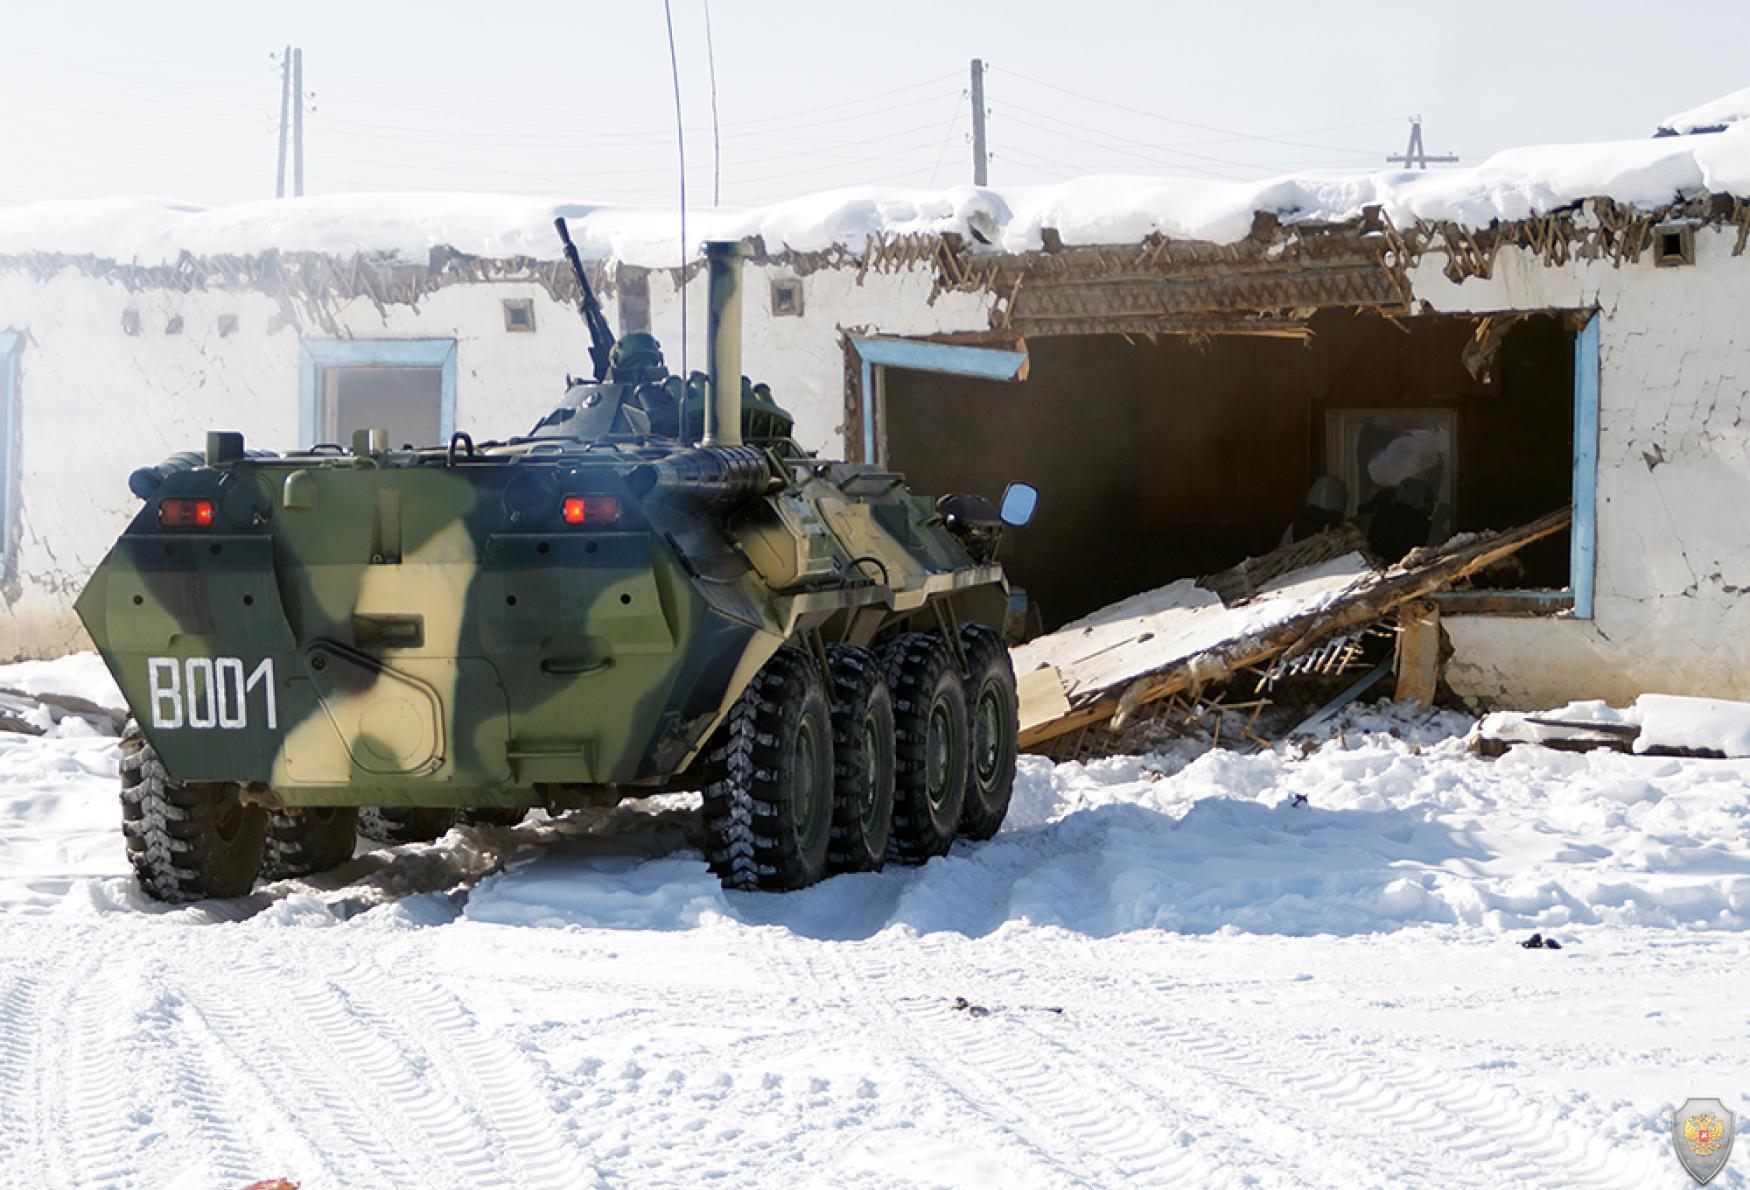 Бронетехника оперативно-боевого подразделения освобождает произведенный пролом в стене для входа бойцов при штурме.